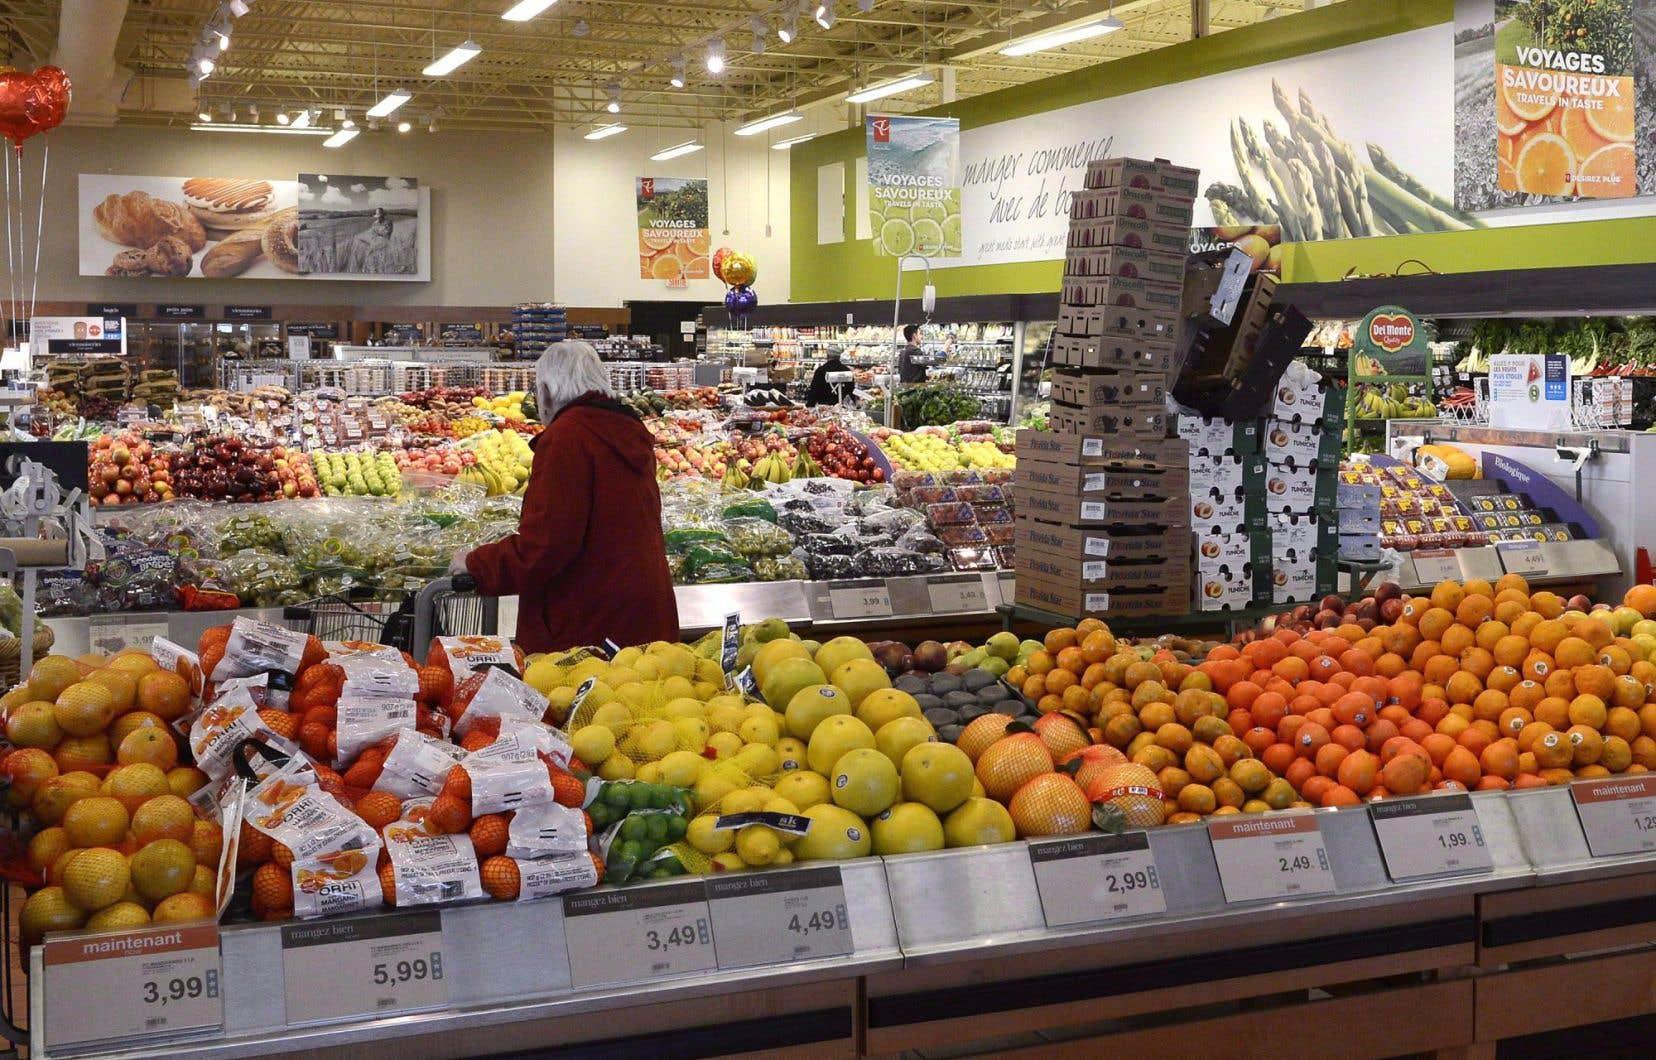 Certains fruits et légumes sont peut-être non conformes à la norme esthétique, mais ils sont irréprochables quant à leurs qualités gustatives et nutritives.